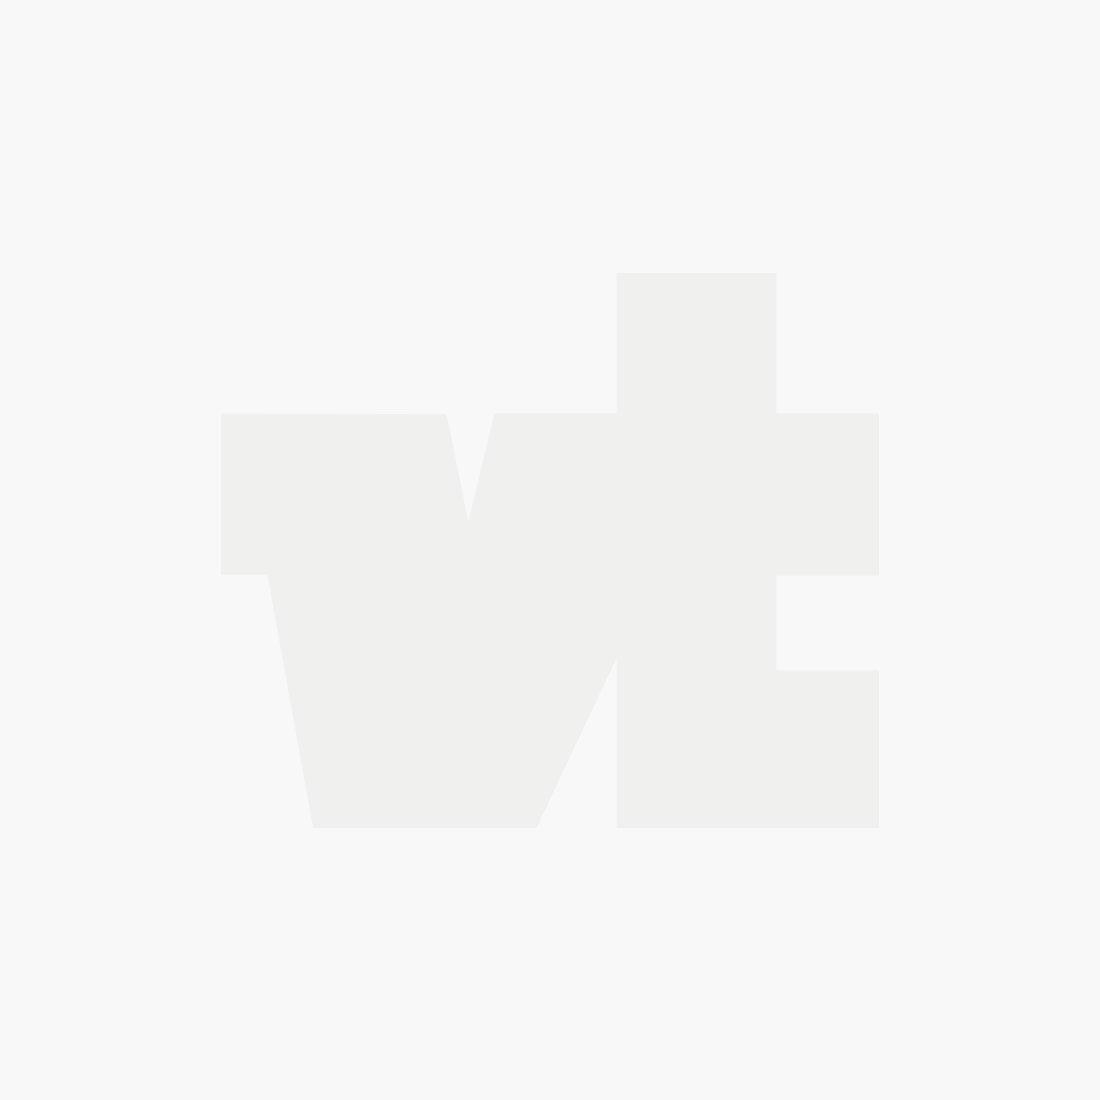 Sneaker running black 9000